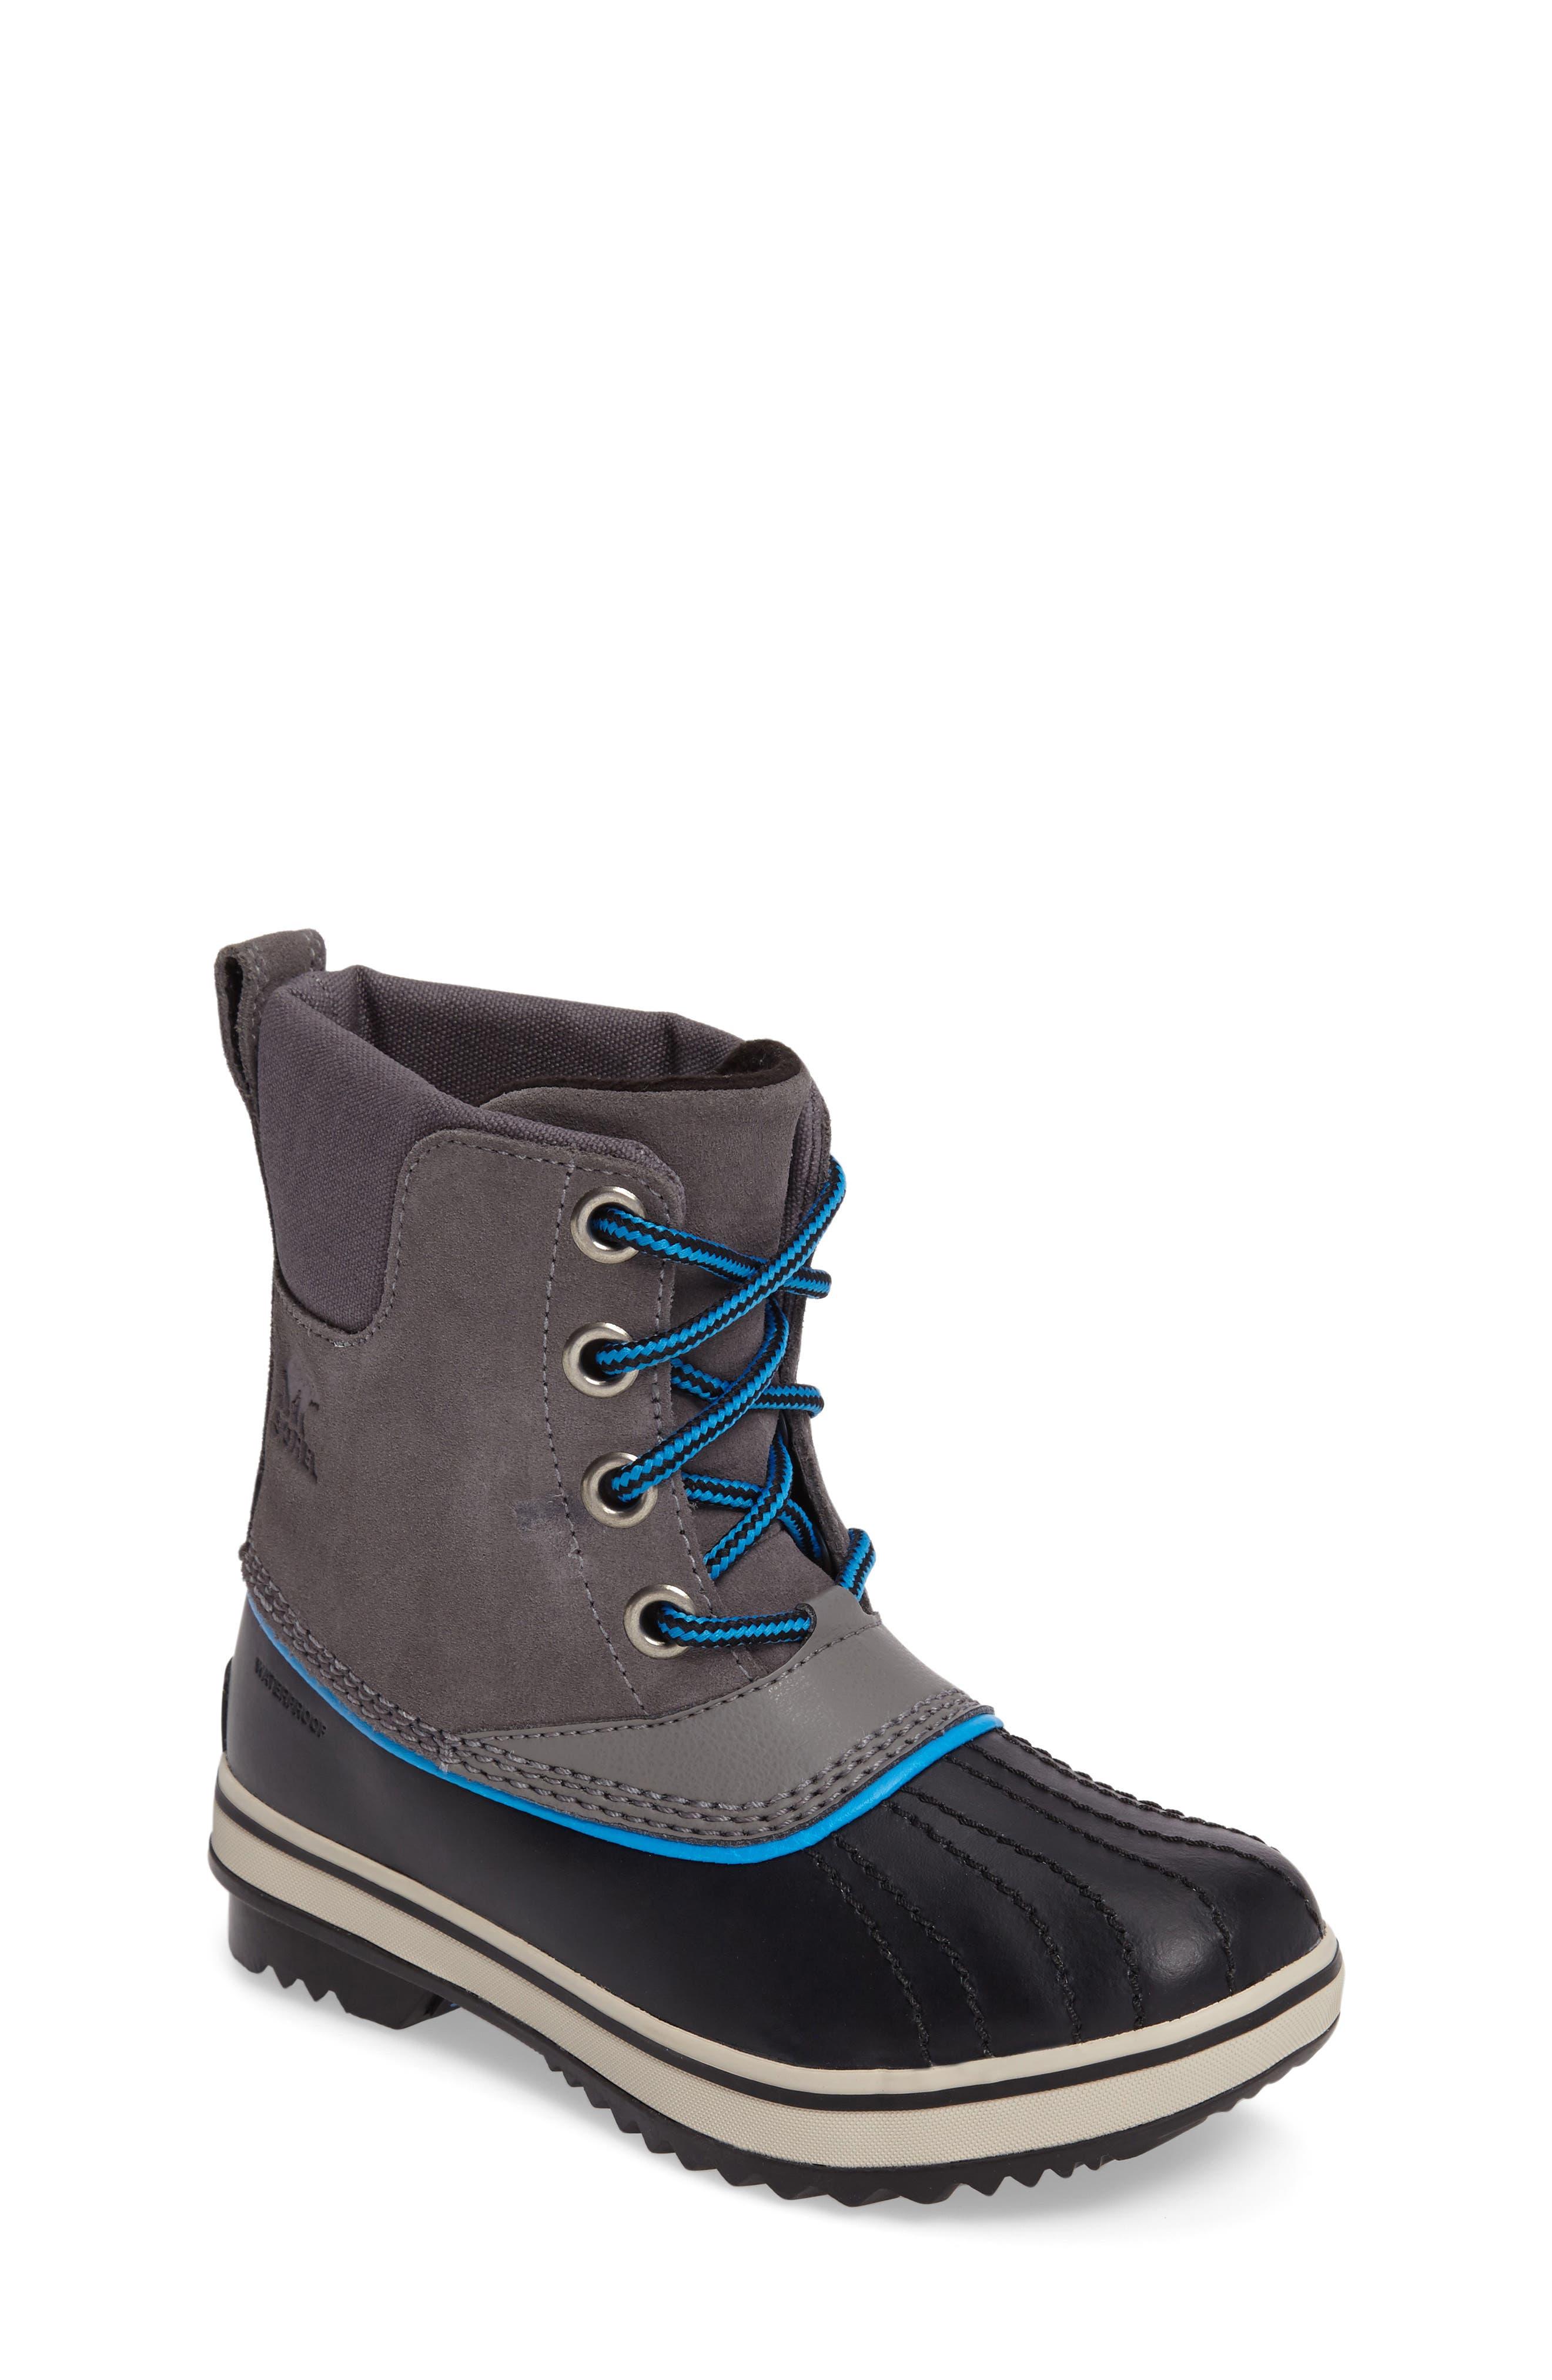 Main Image - SOREL 'Slimpack II' Waterproof Boot (Little Kid & Big Kid)